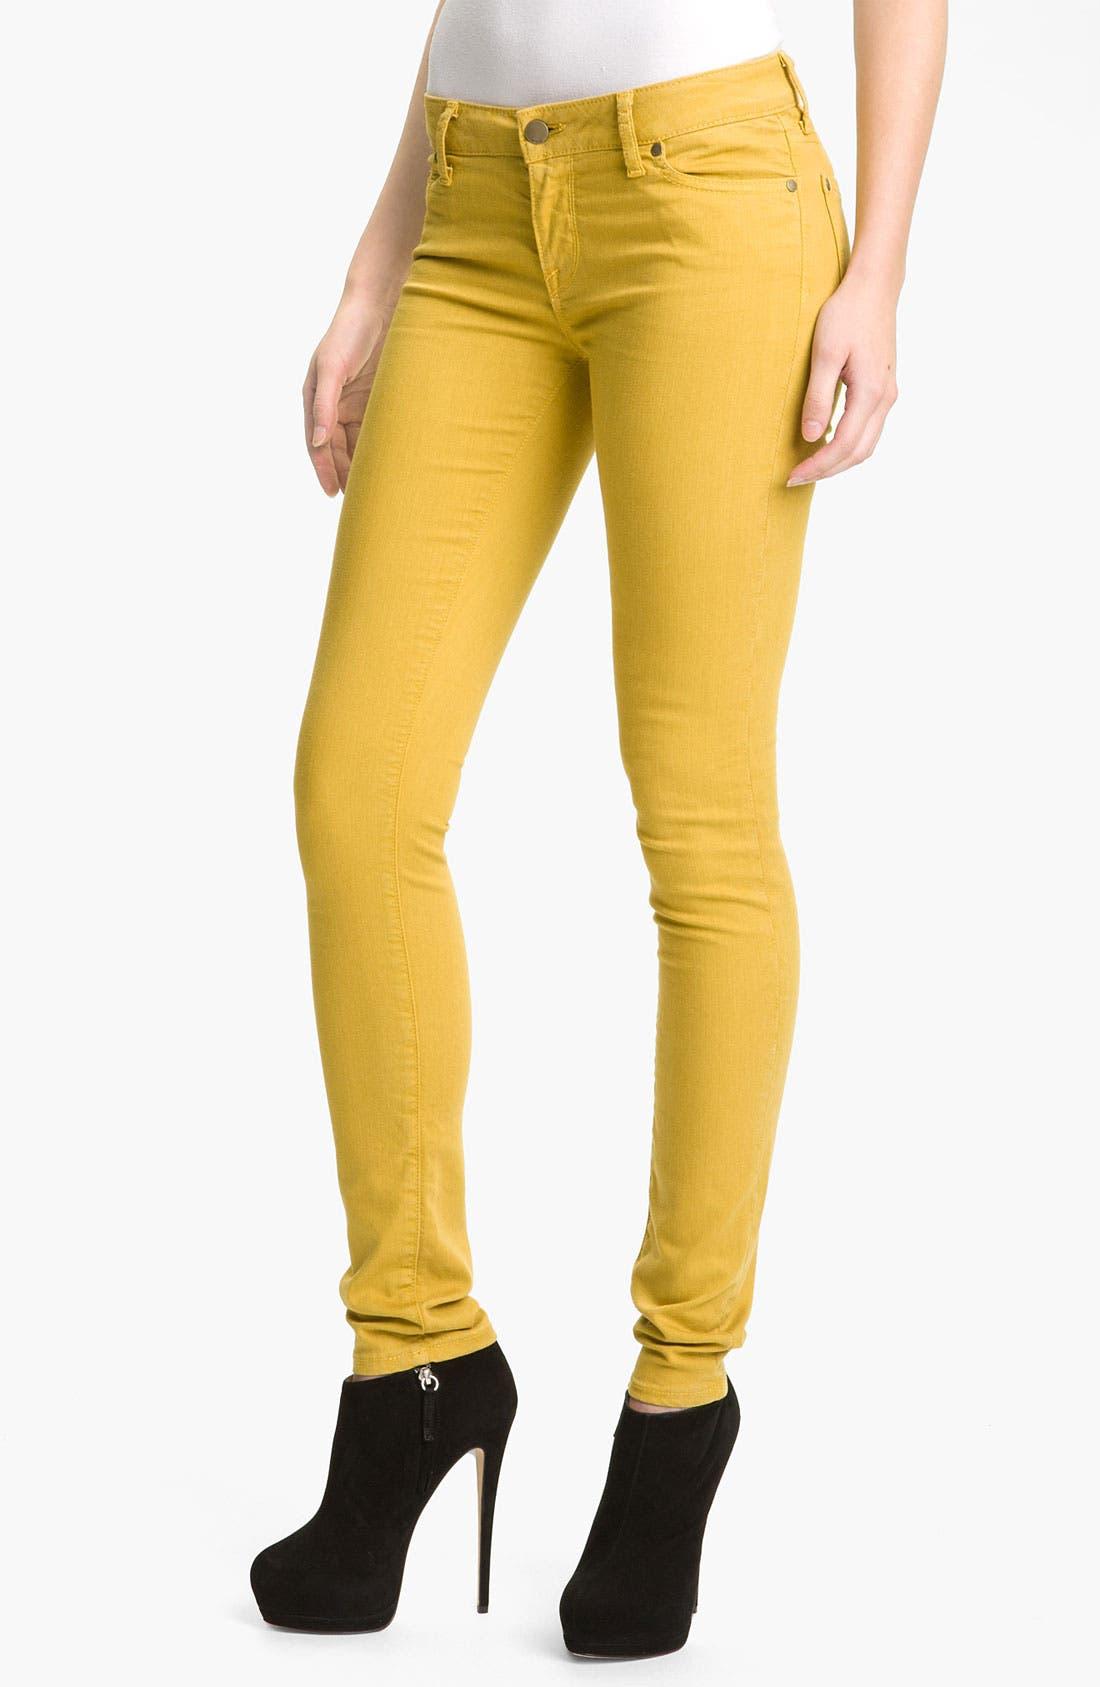 Alternate Image 1 Selected - Vince 5-Pocket Skinny Jeans